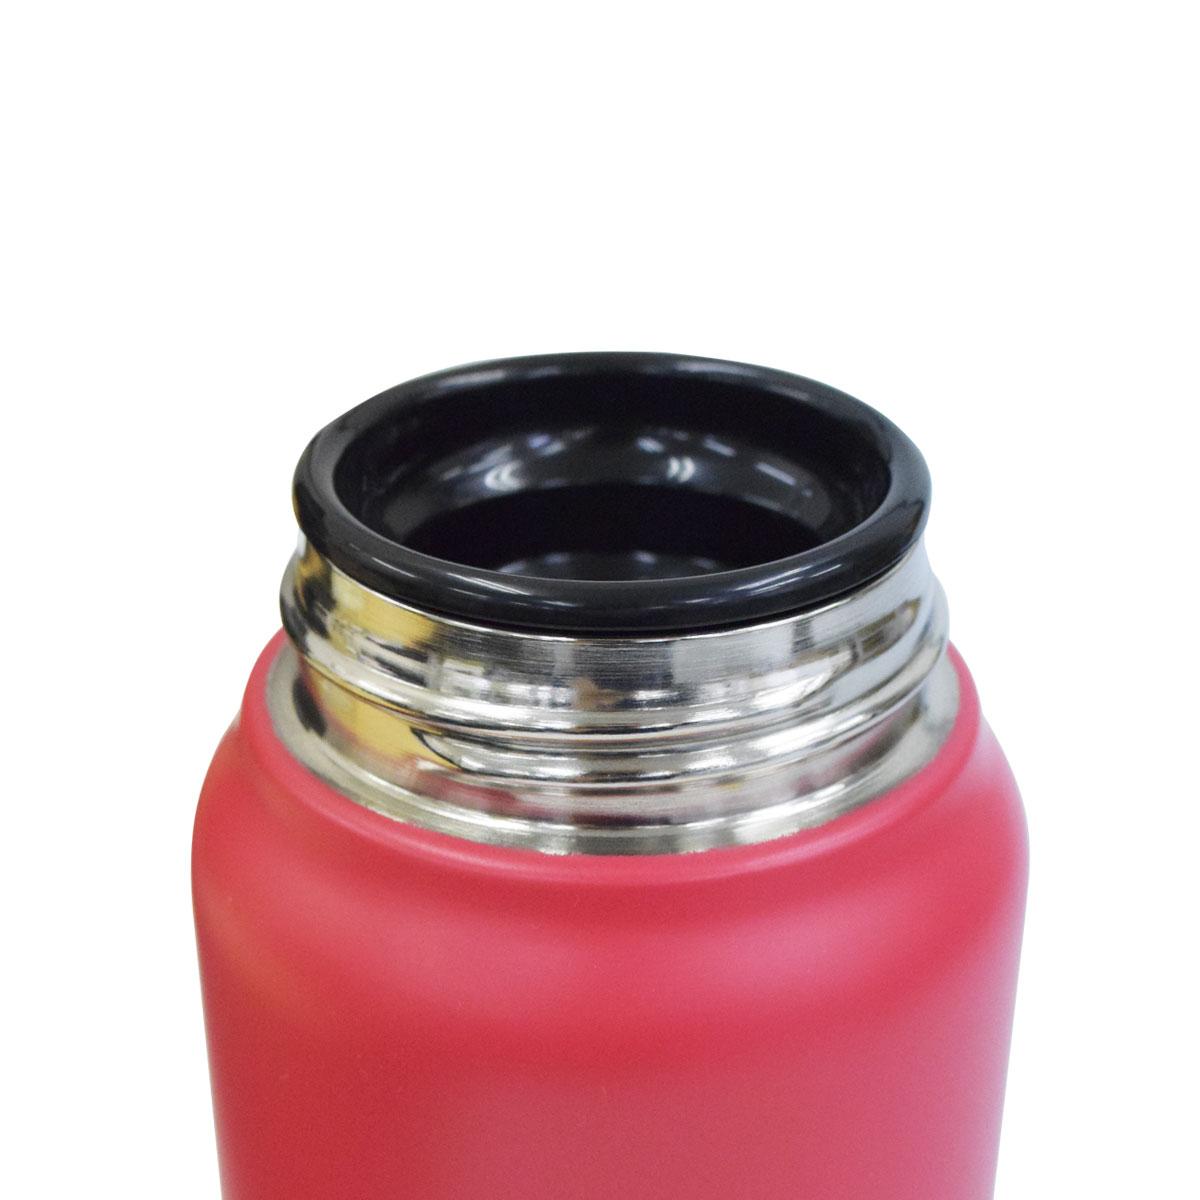 ピーコック ステンレスボトル 600ml AKR-60